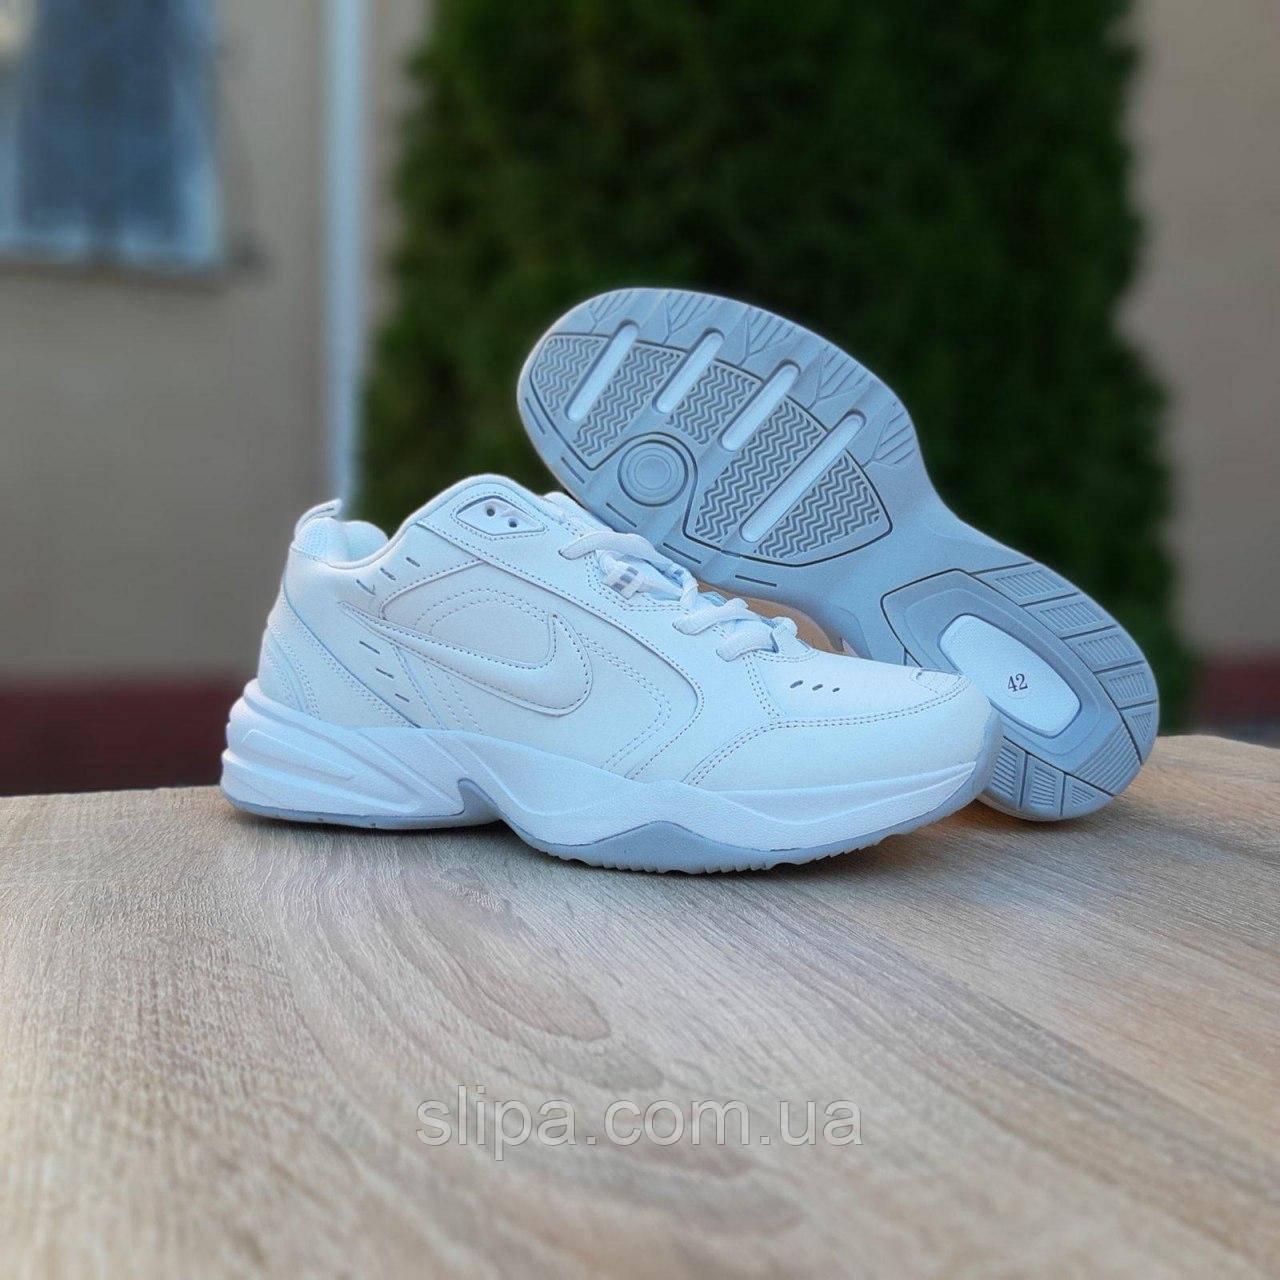 Чоловічі шкіряні кросівки Nike Air Monarch білі